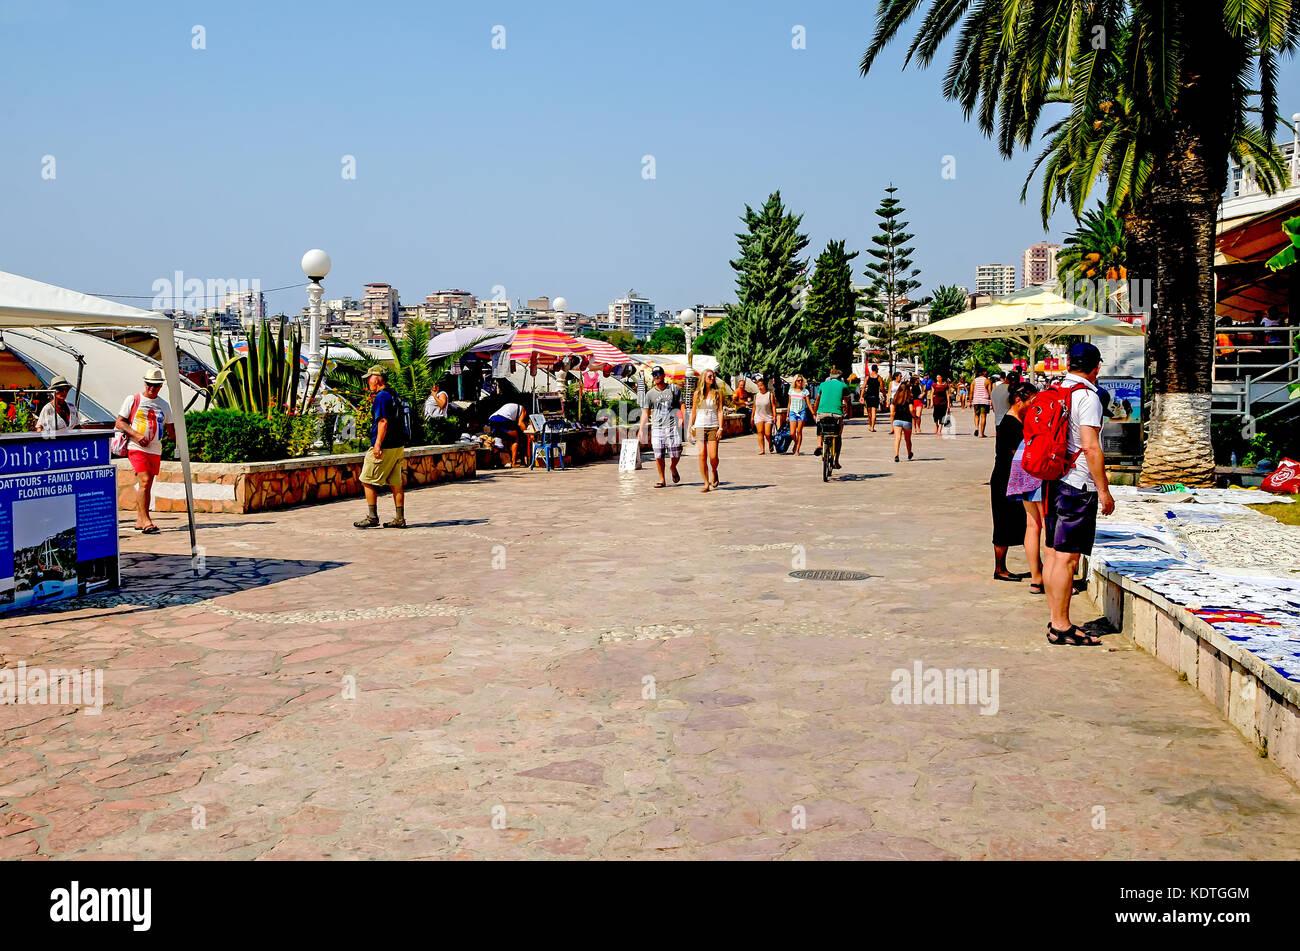 Die Strandpromenade mit Sonnenschirmen, Vlore, Sarande, Vlore County, Albanien. Stockbild